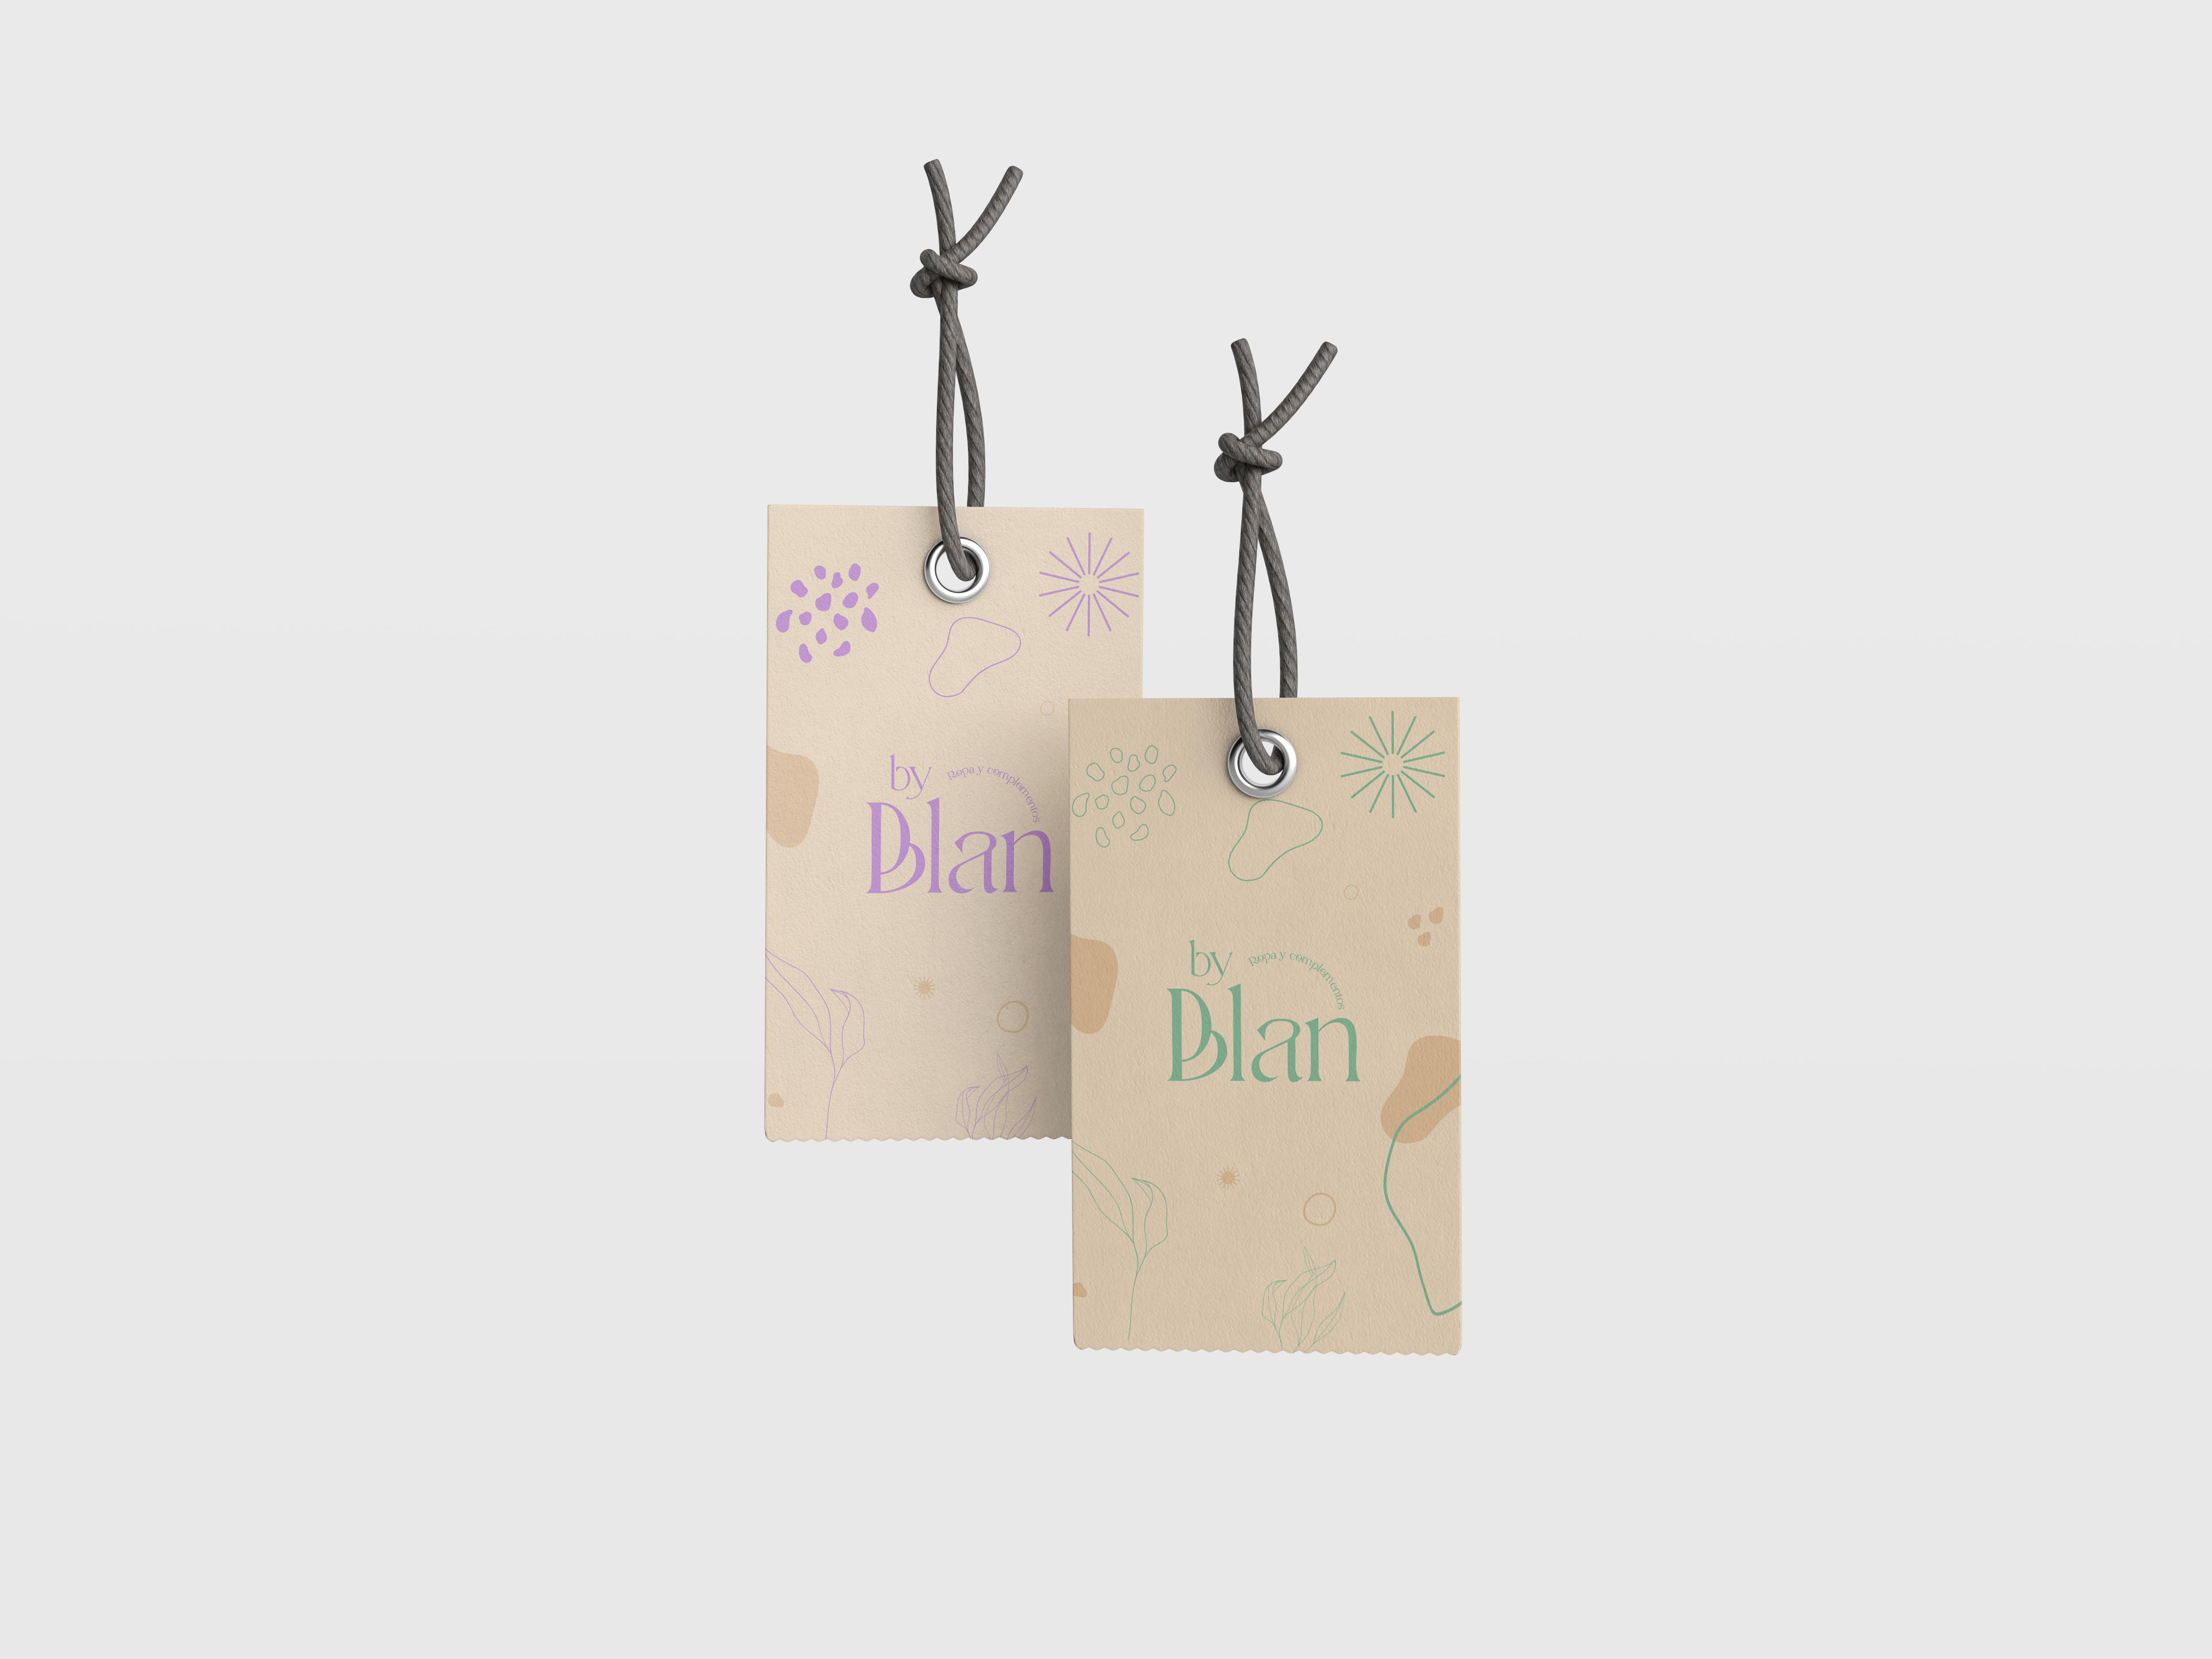 Etiquetas para By Blan